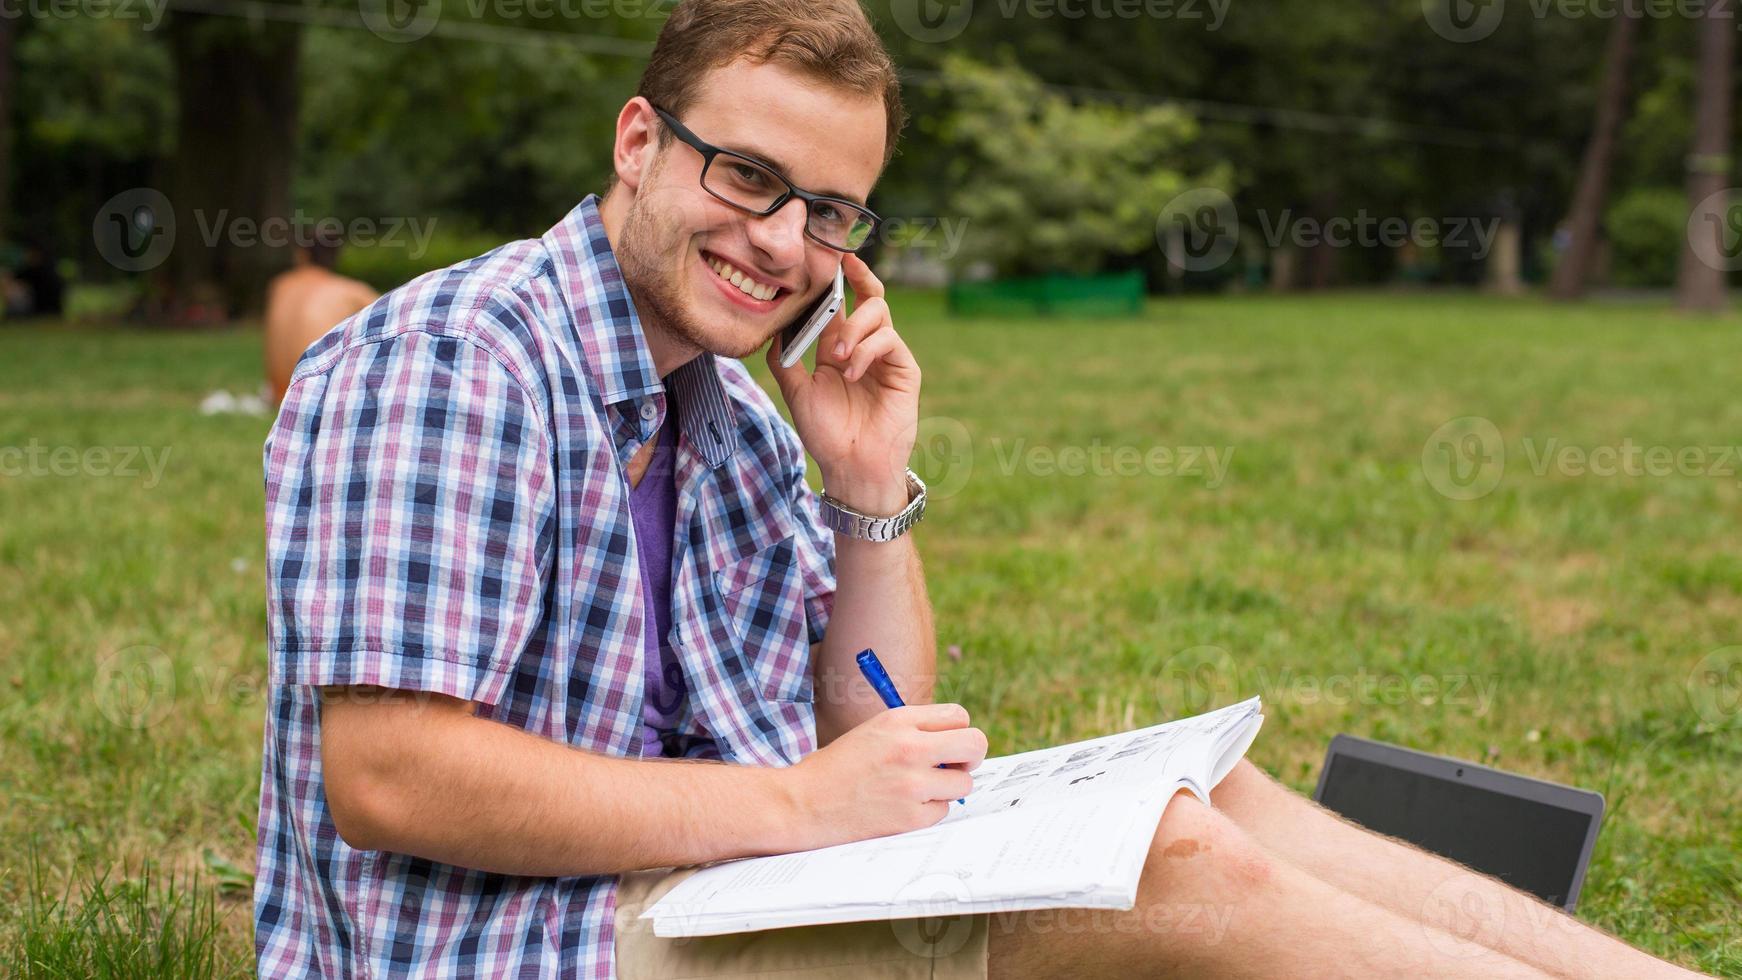 homme décontracté, étudier à l'extérieur avec un ordinateur portable. photo